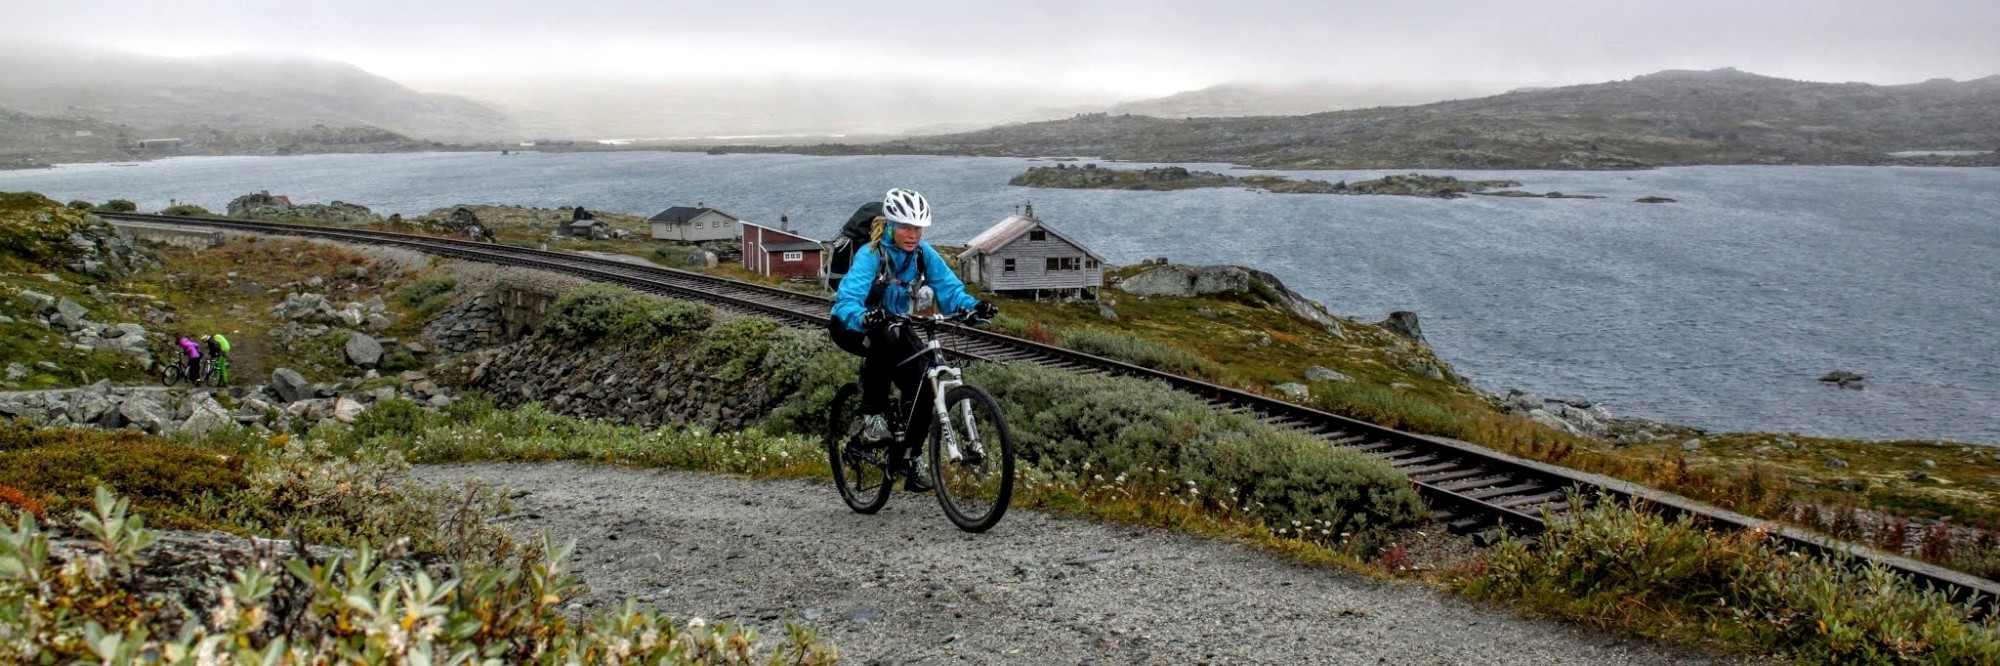 header foto rallarvegen noorwegen